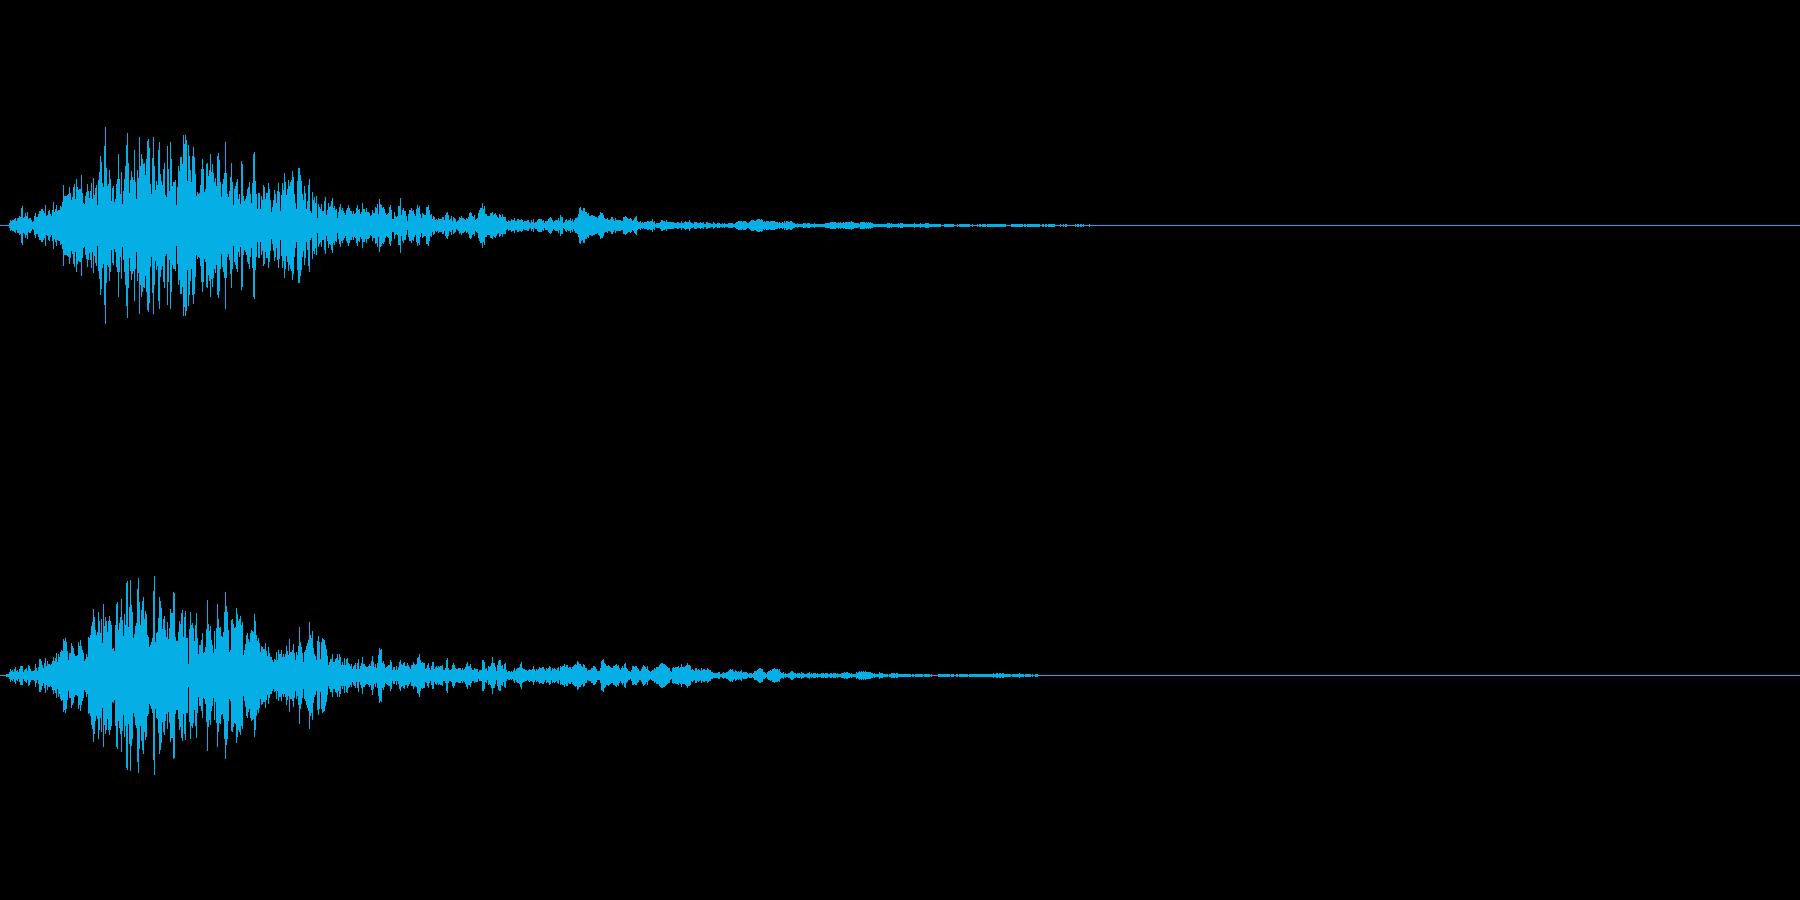 次のステップに進むクリック音4の再生済みの波形